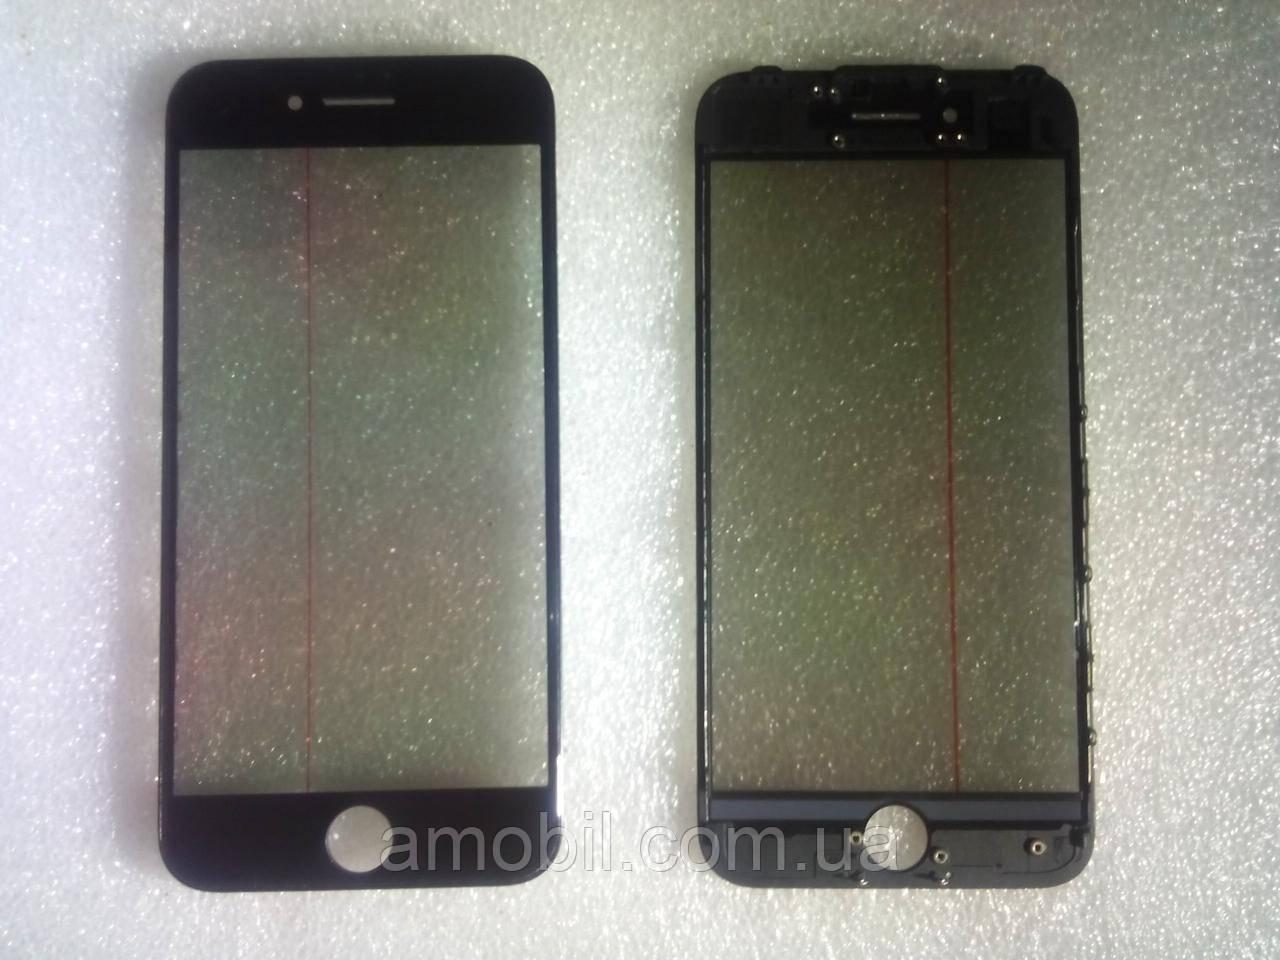 Стекло с дисплейной рамкой , OCA плёнкой и поляризационной плёнкой для iPhone 7 чёрное orig качество